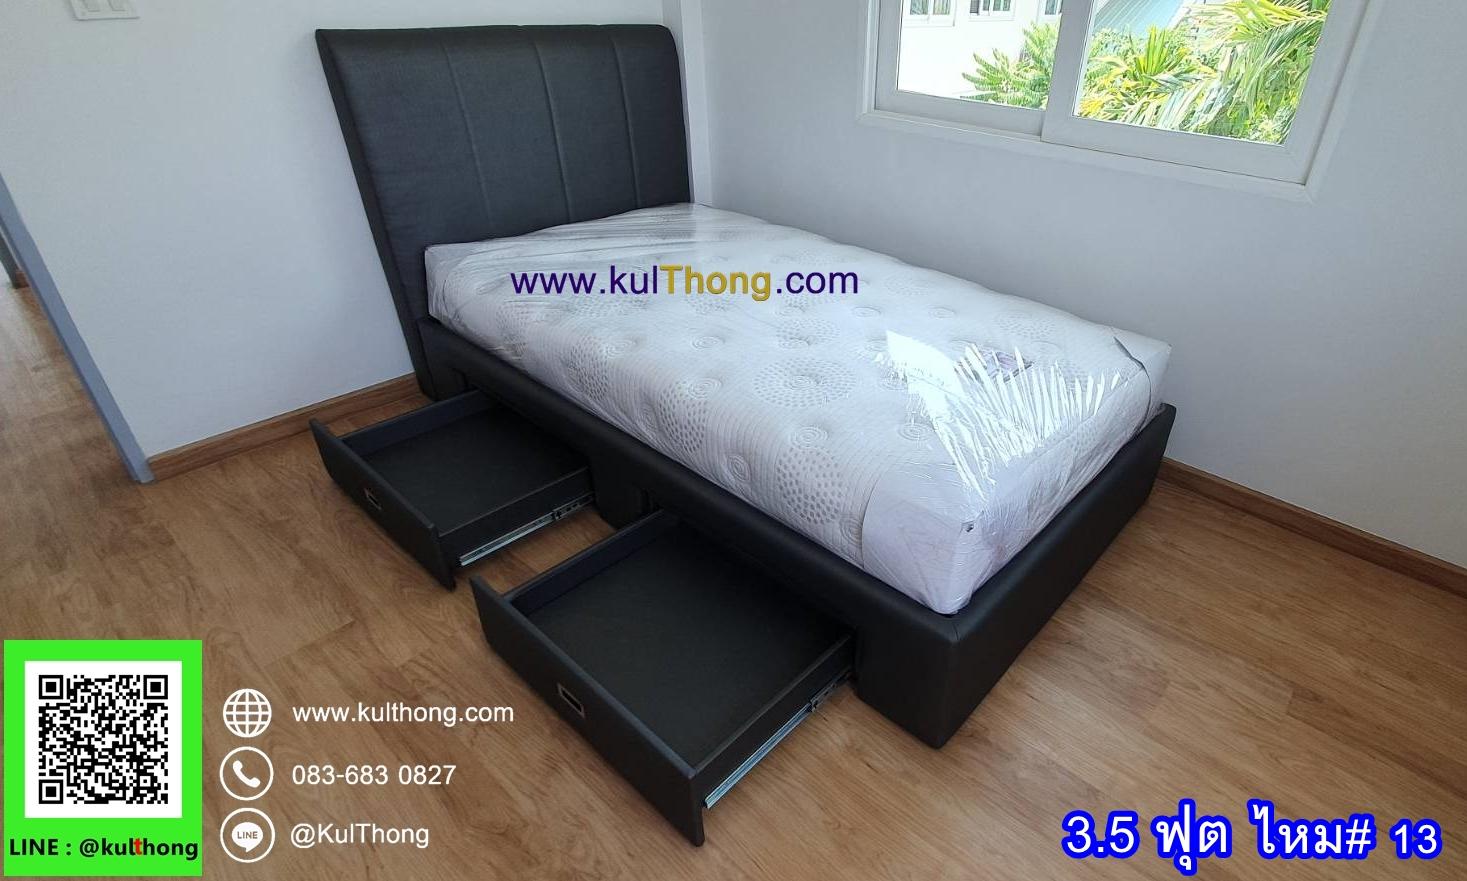 เตียงนอนมีลิ้นชักเก็บของ เตียงหุ้มหนังมีลิ้นชัก เตียงแบบมีหัวเตียง